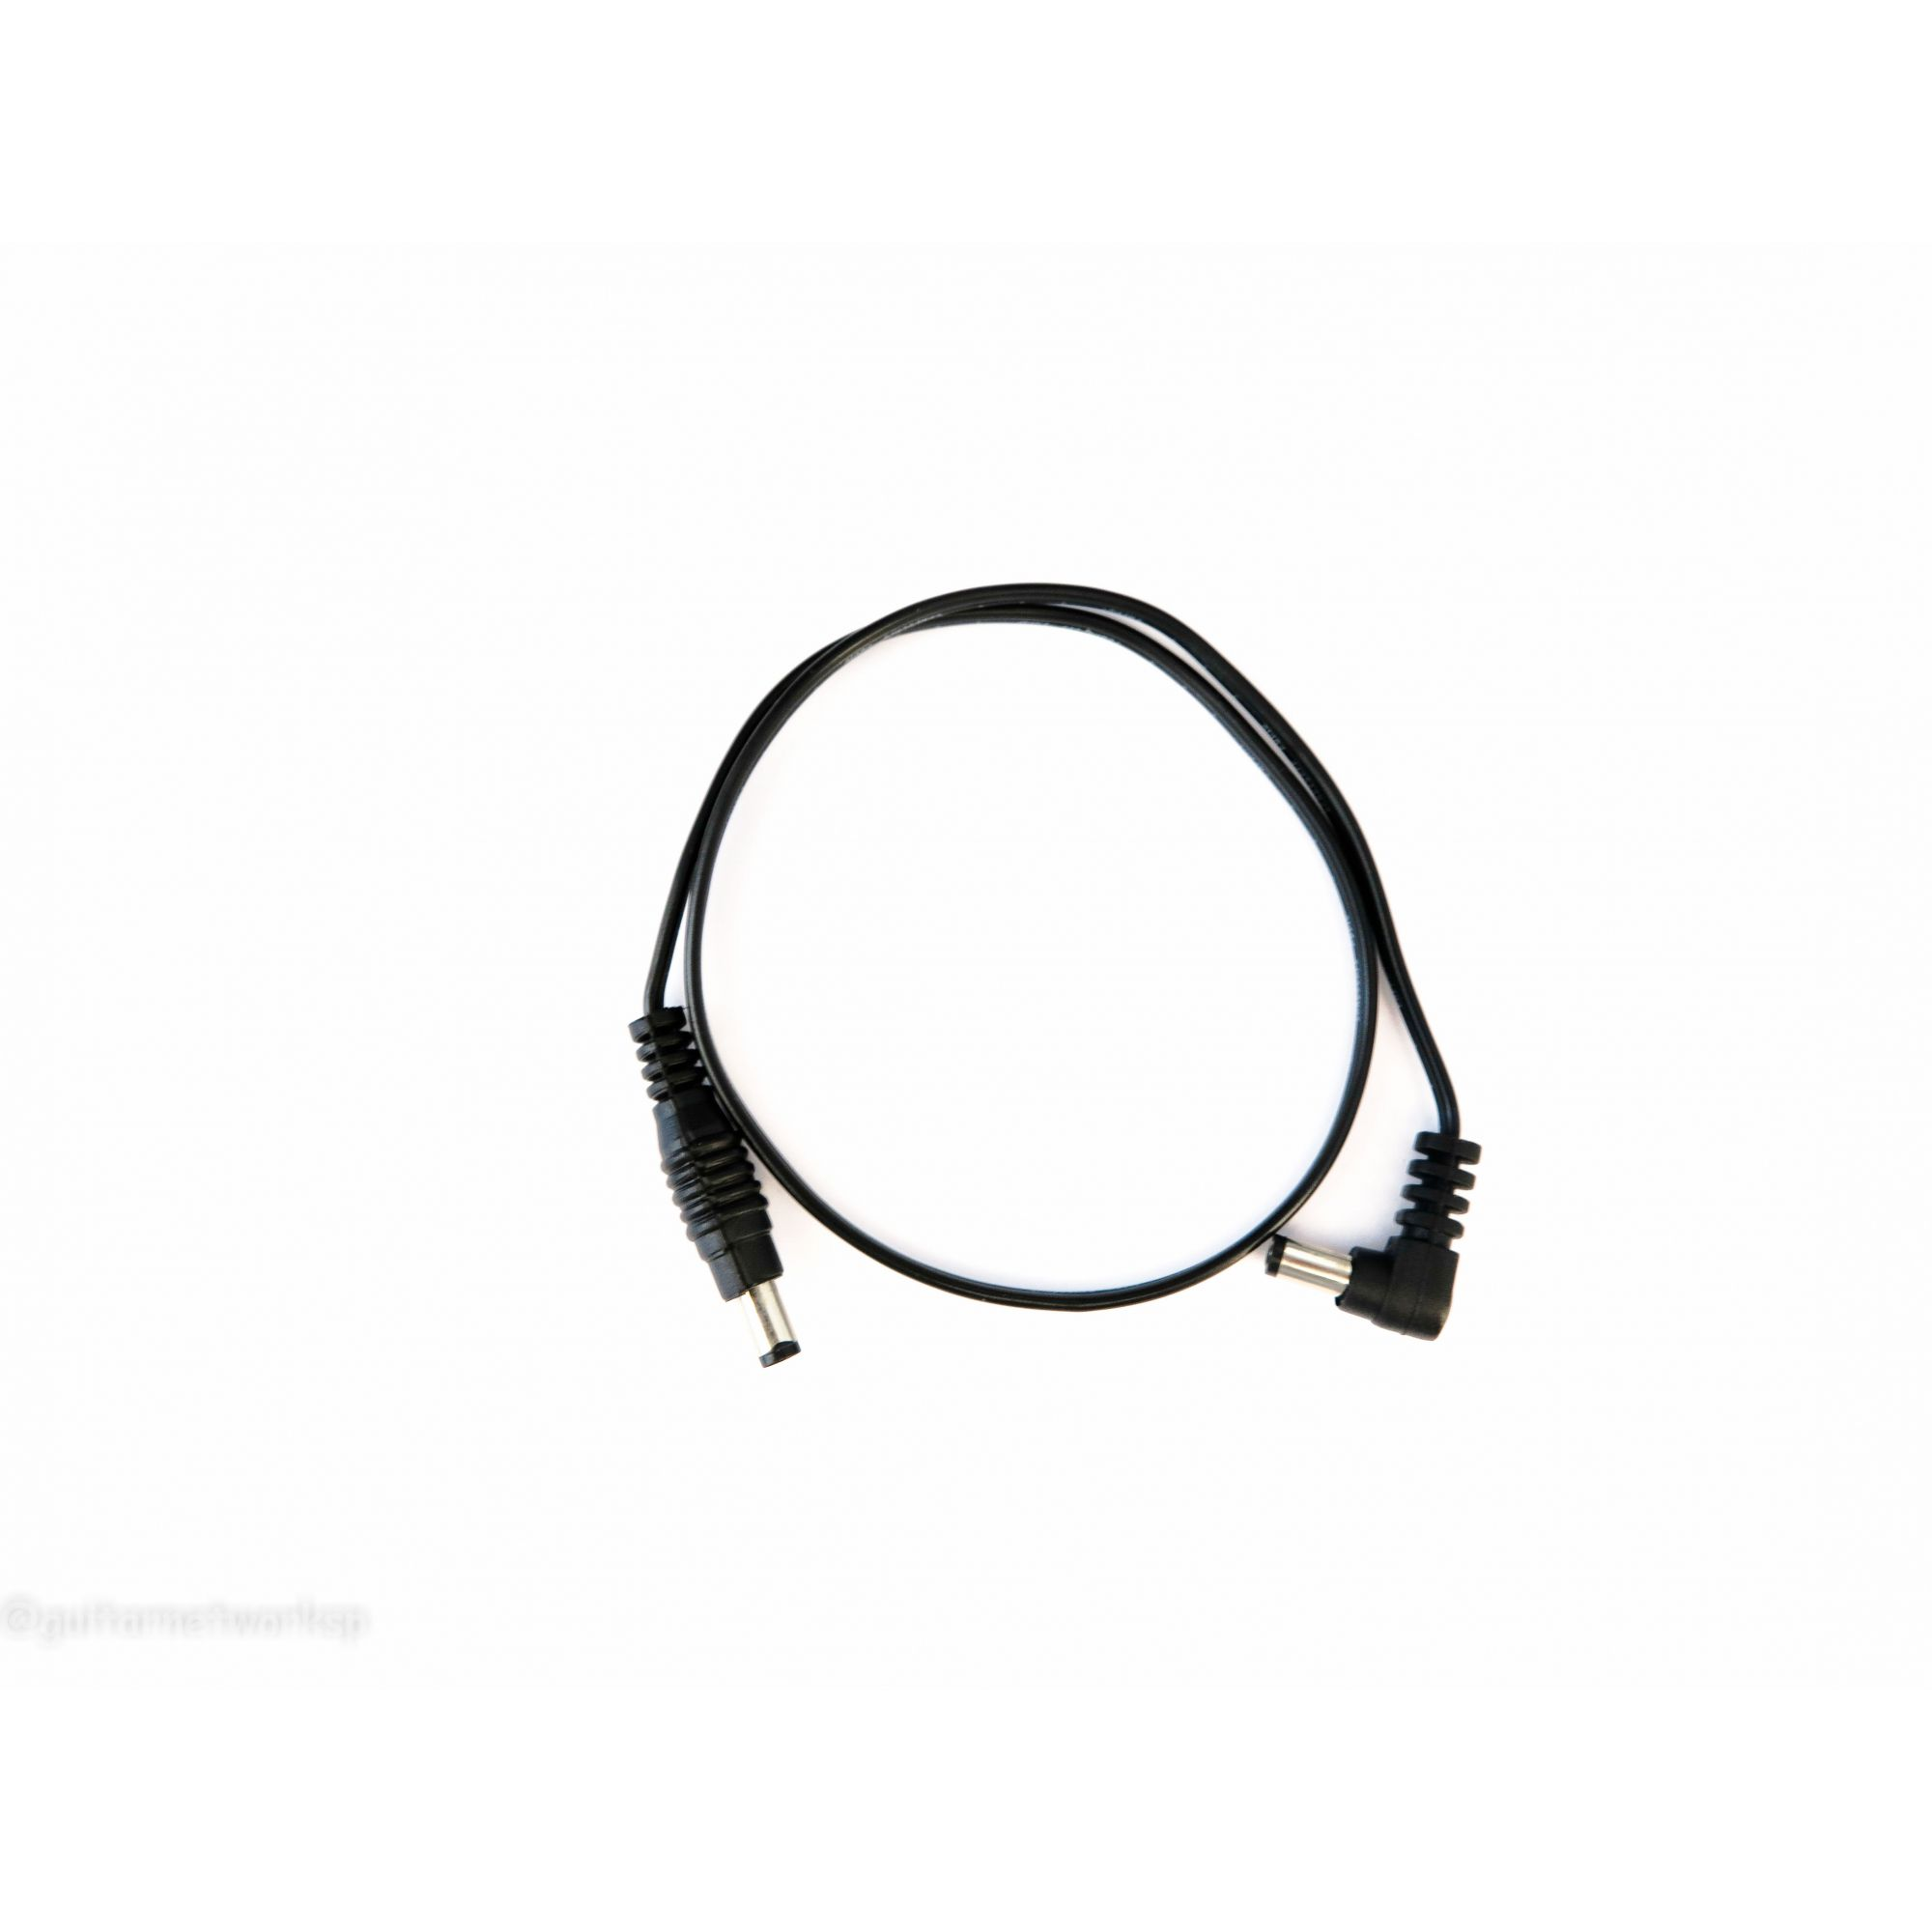 Cabo extensor p/ fonte de pedal Energy - Mod 109 - LANDSCAPE